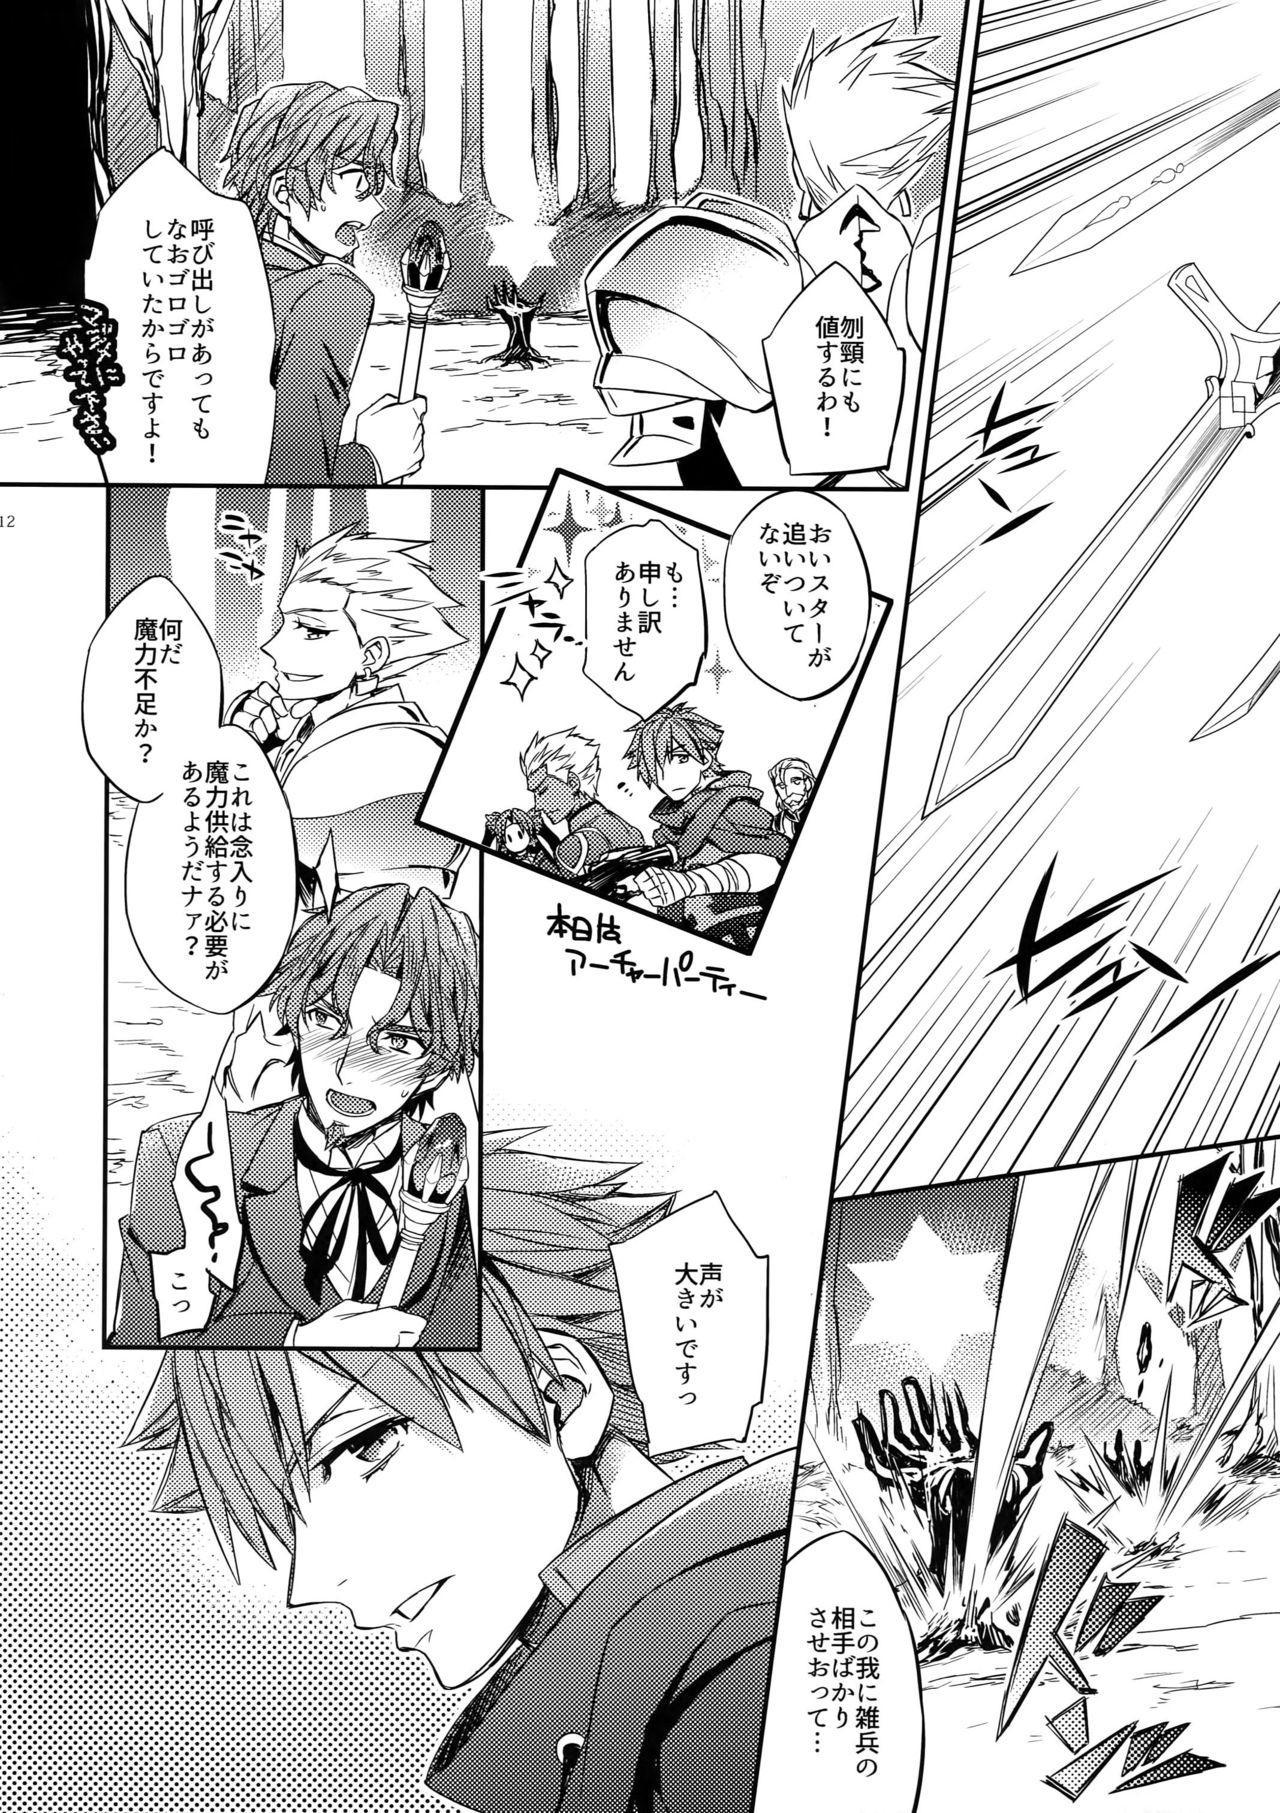 Gainen Reisou wa Kiniro no Yume o Miru 2 10